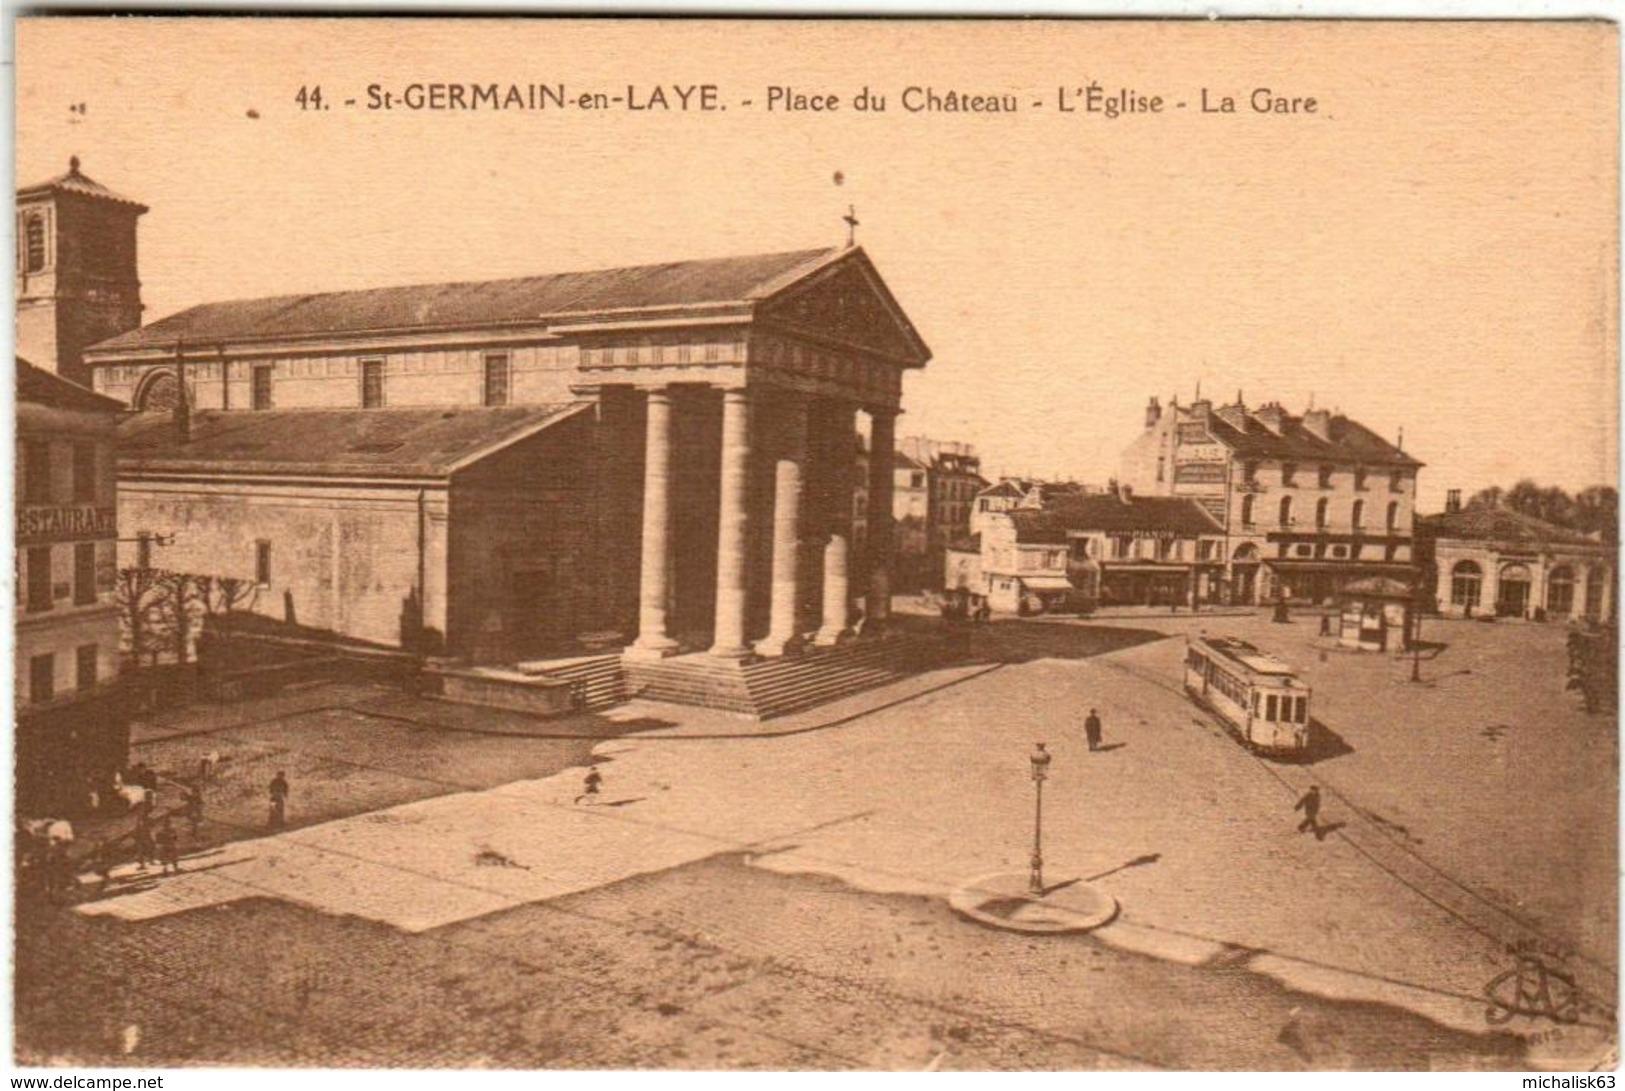 31ksps 540 CPA - SAINT GERMAIN EN LAYE - PLACE DU CHATEAU - L'EGLISE - LA GARE - St. Germain En Laye